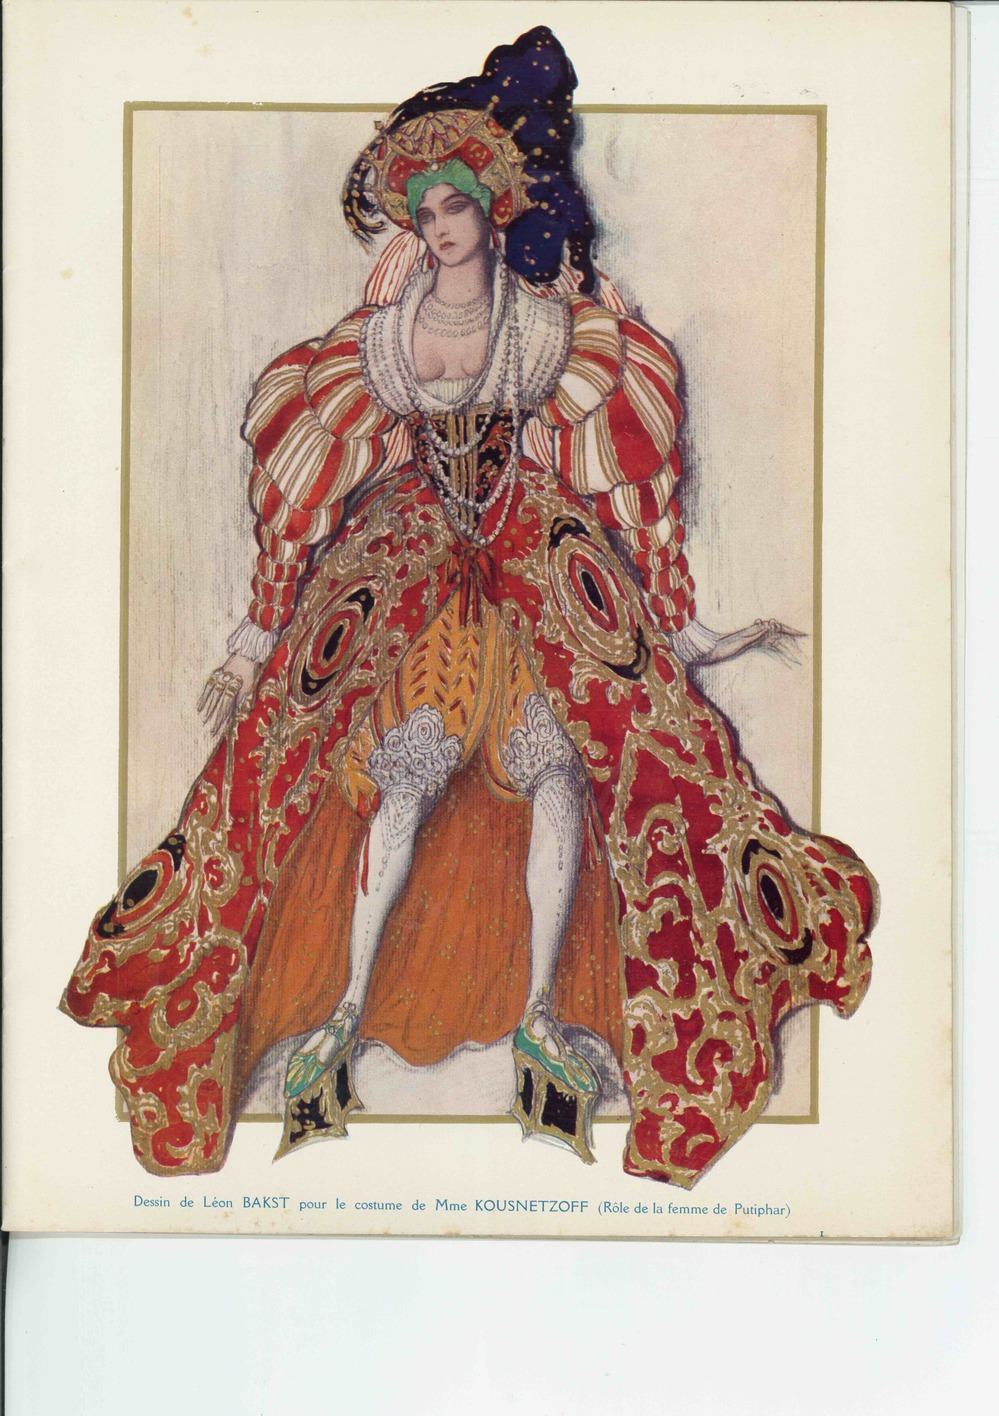 ロシアバレエ図版2 のコピー.jpg